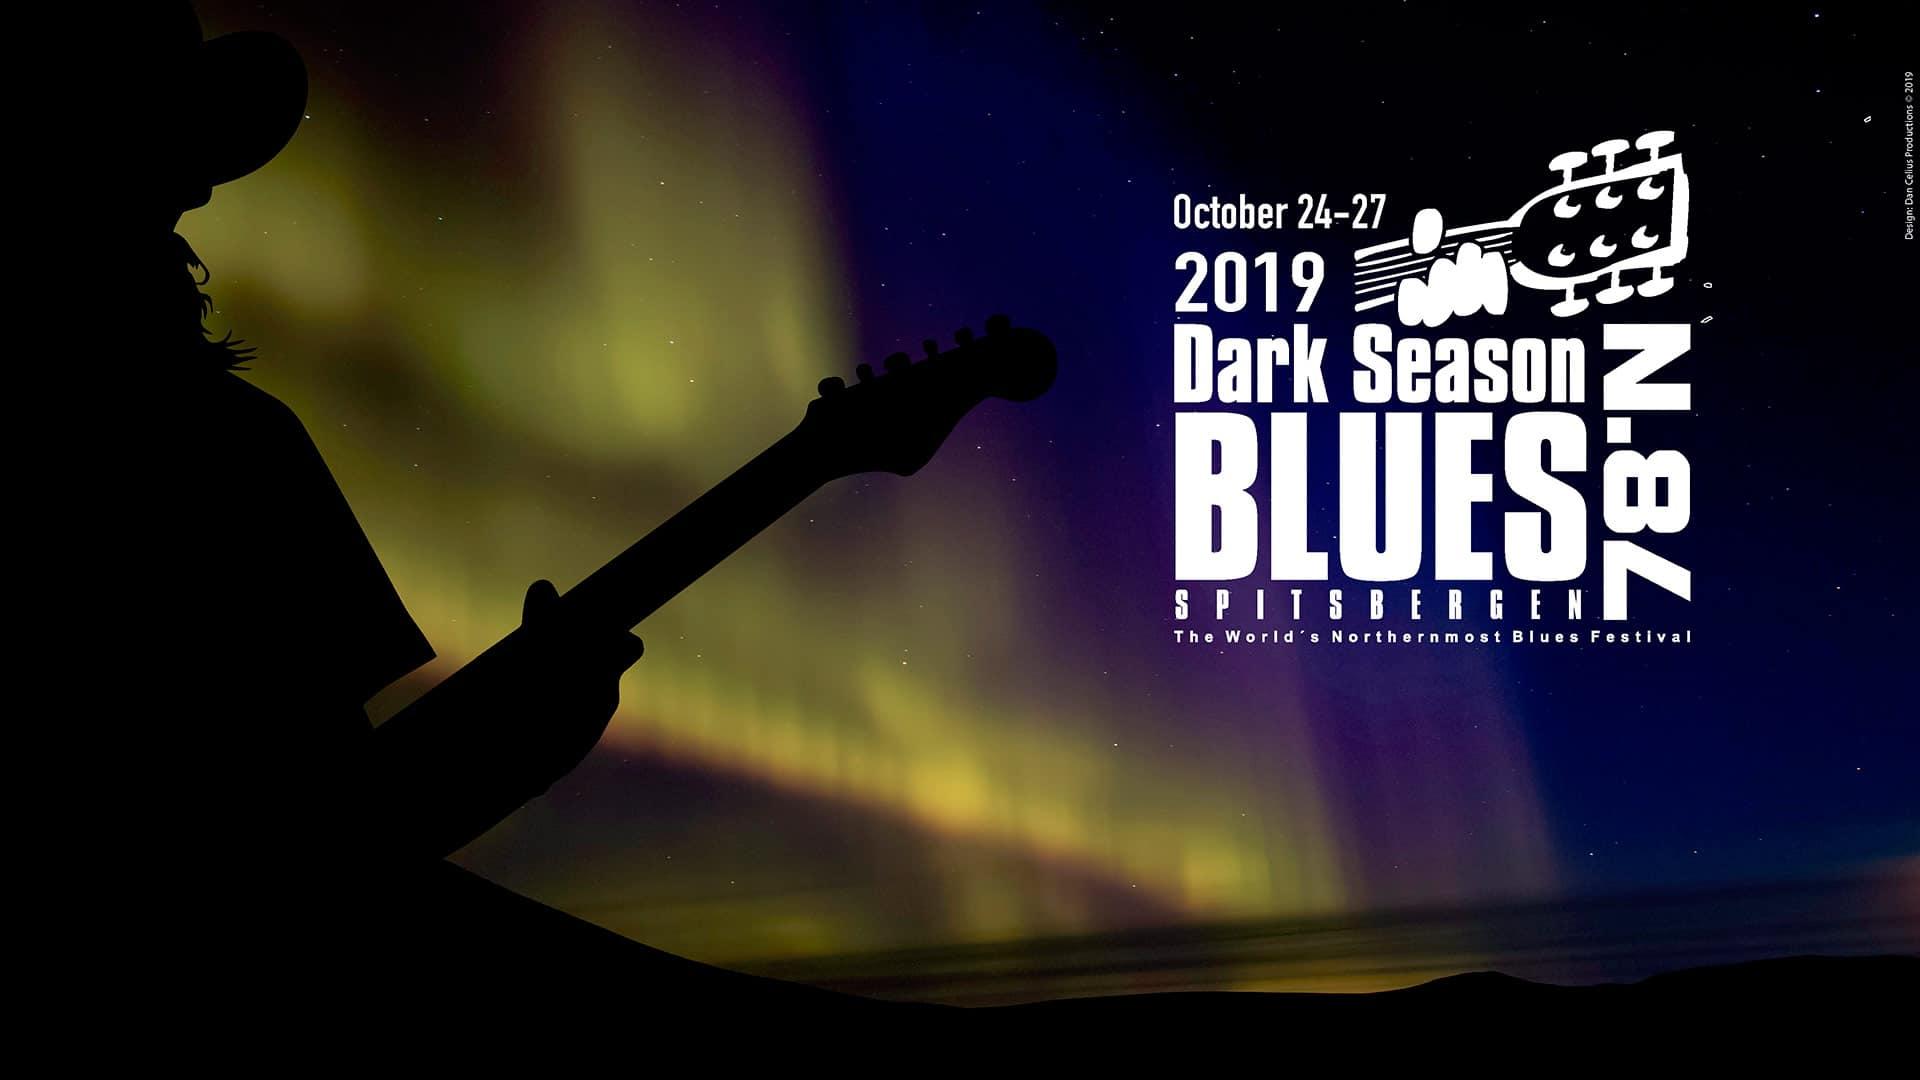 Festivalen Dark Season Blues Spitsbergen arrangeres for syttende gang i 2019